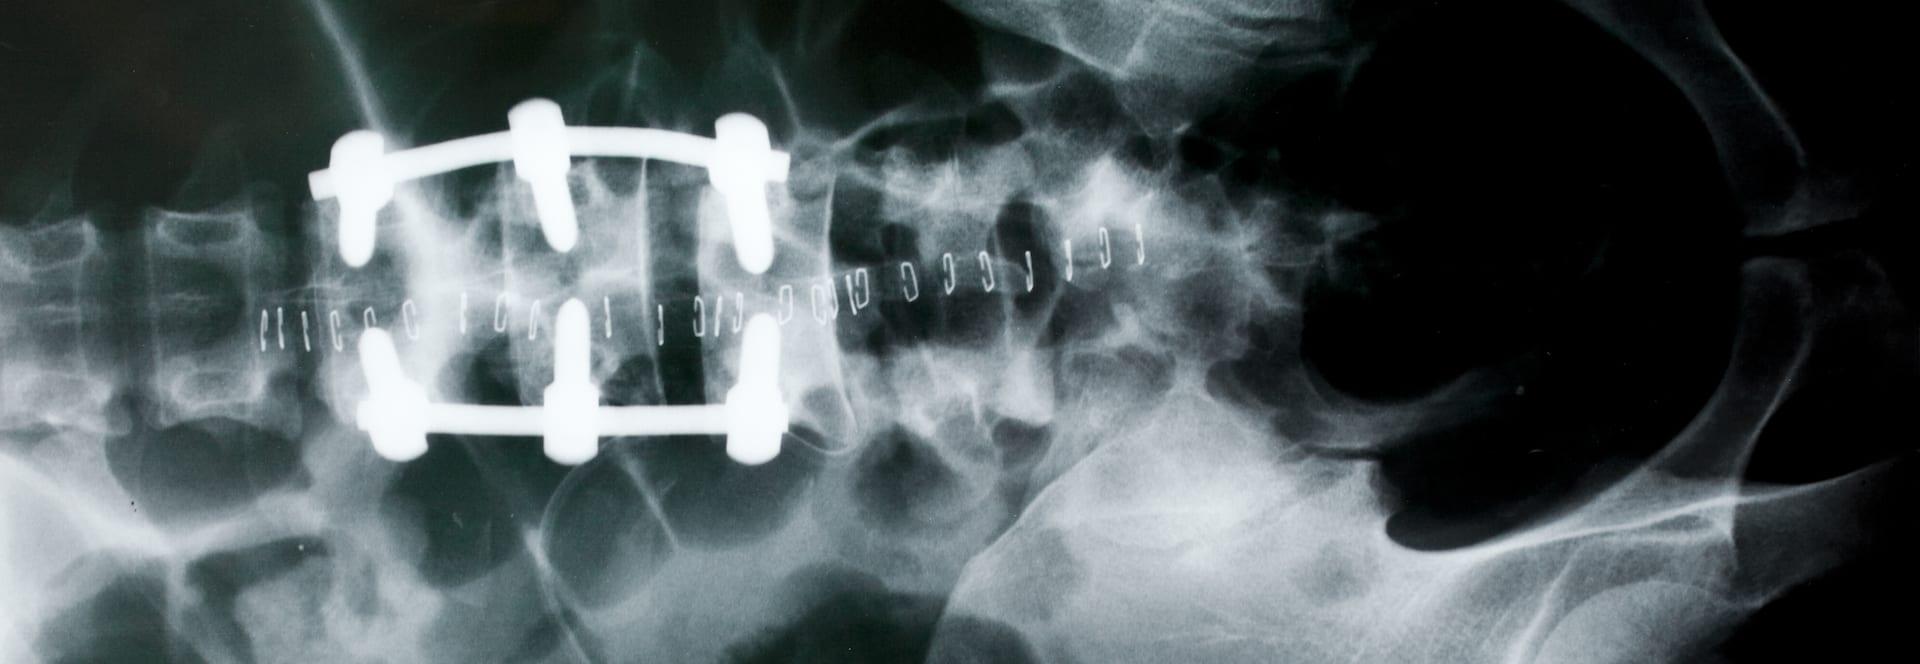 Spinal Injury Atlanta